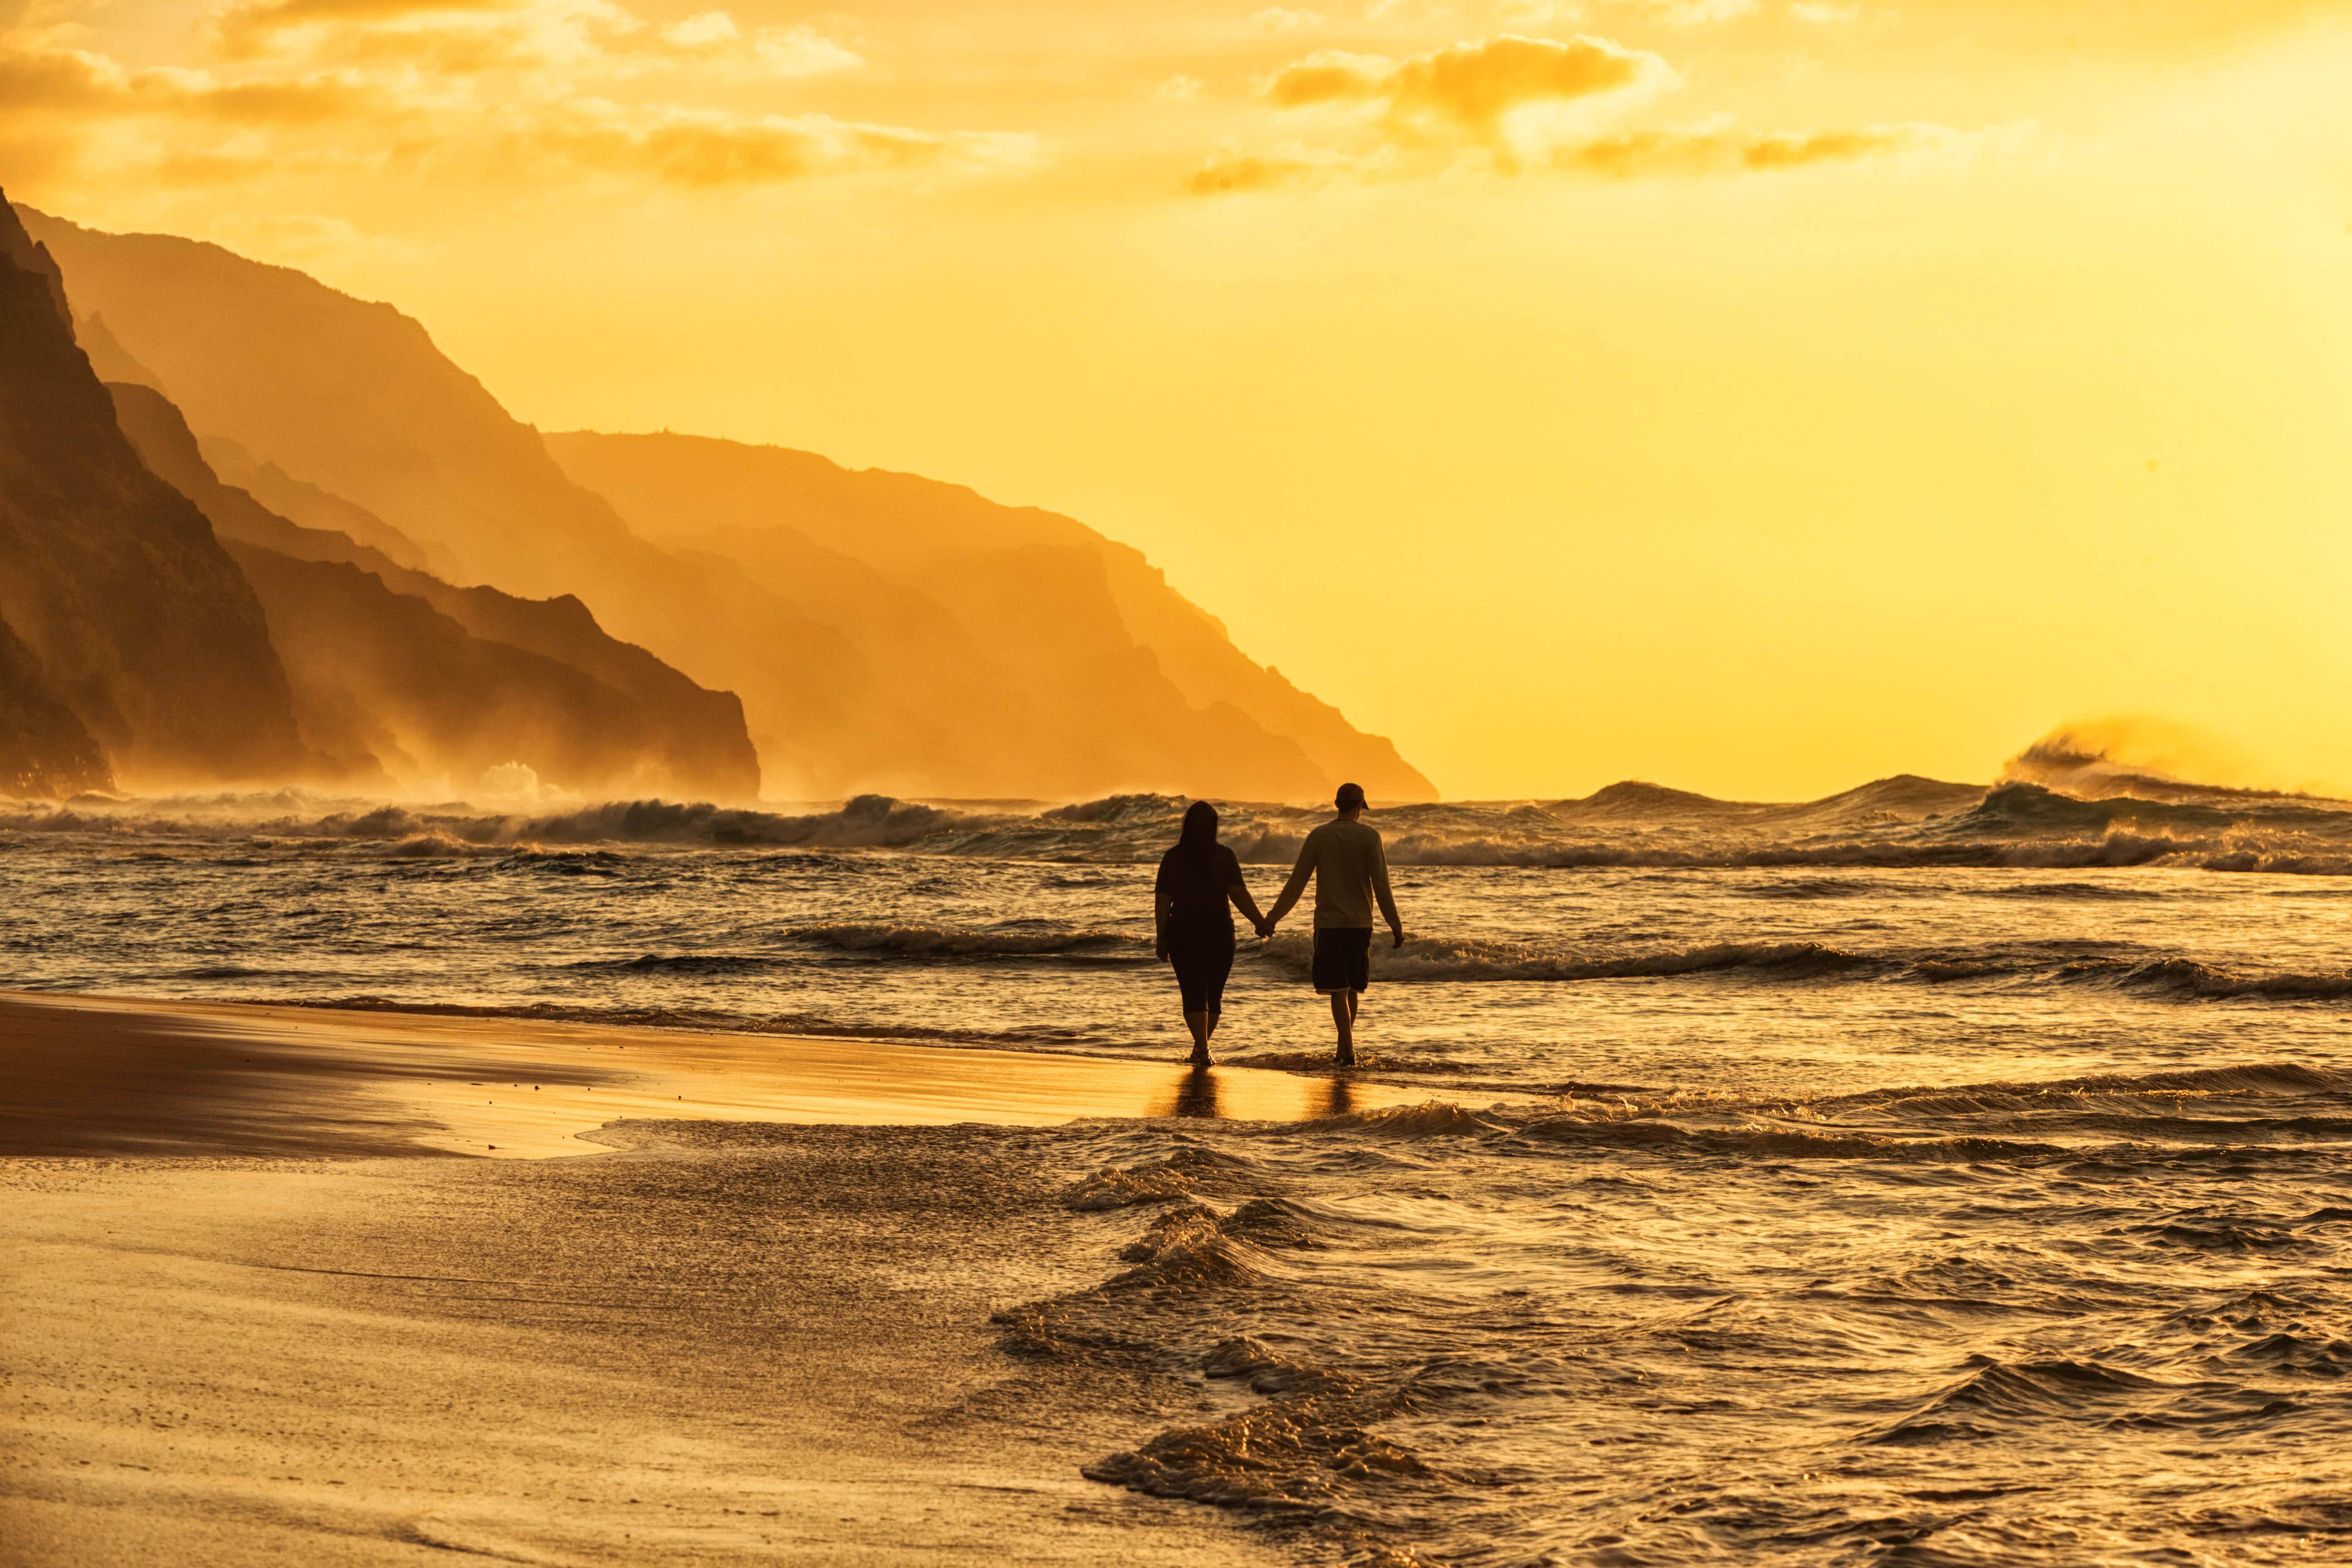 Kauaʻi for honeymooners and romantics